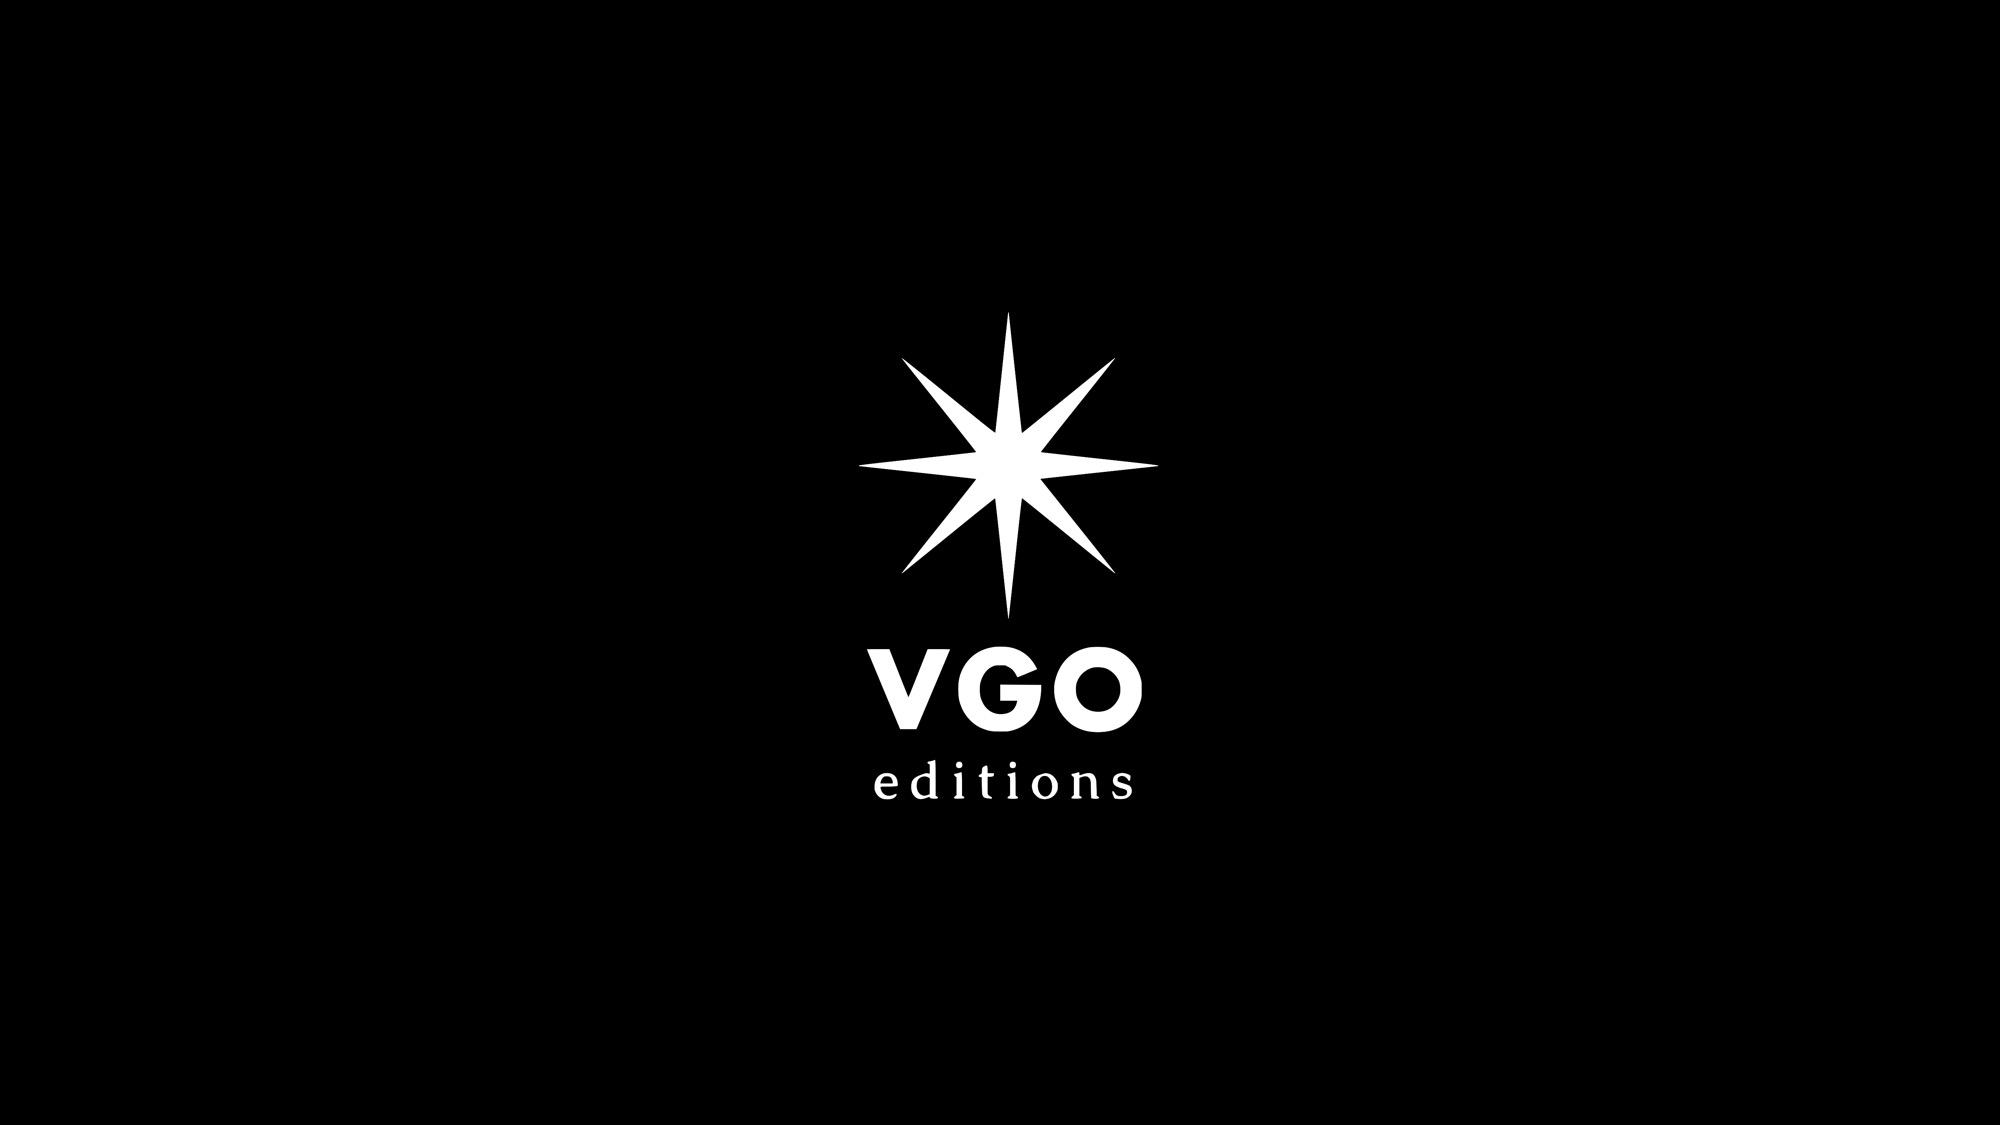 VGO Editions